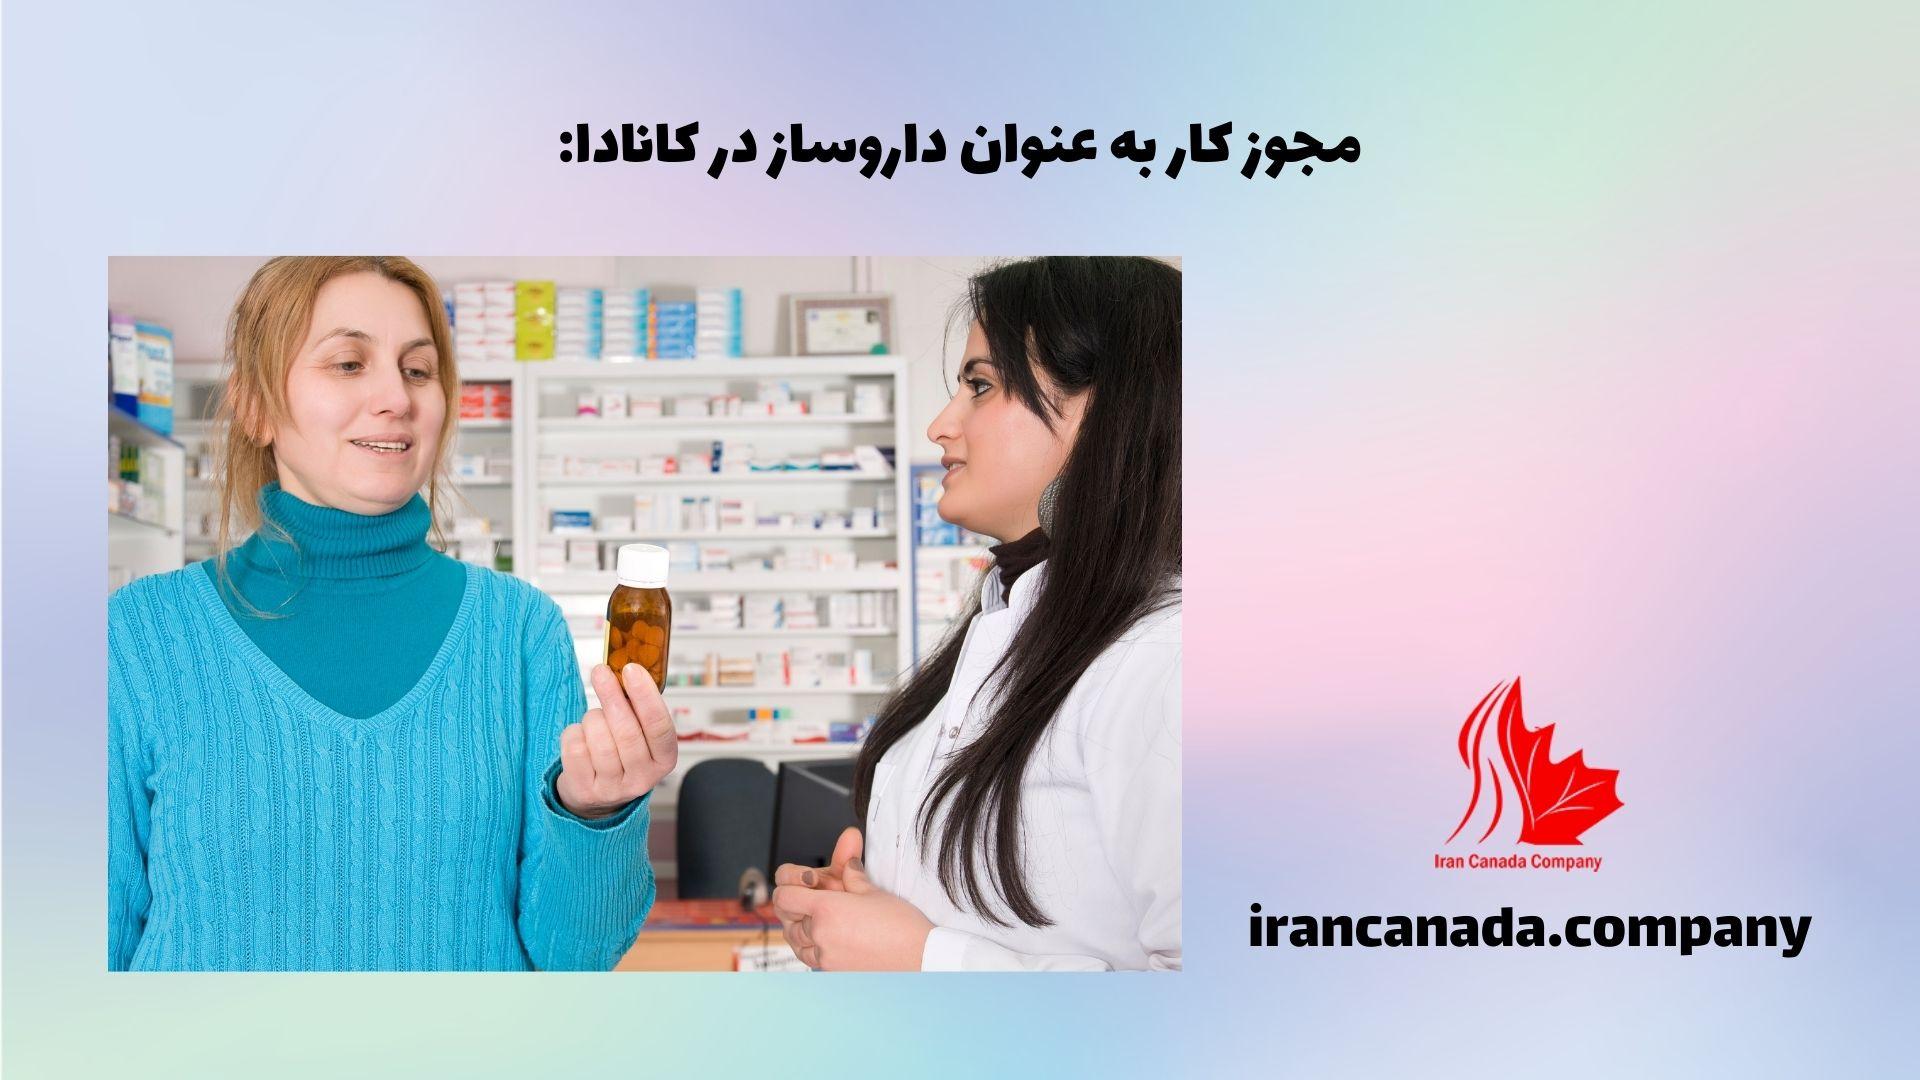 مجوز کار به عنوان داروساز در کانادا